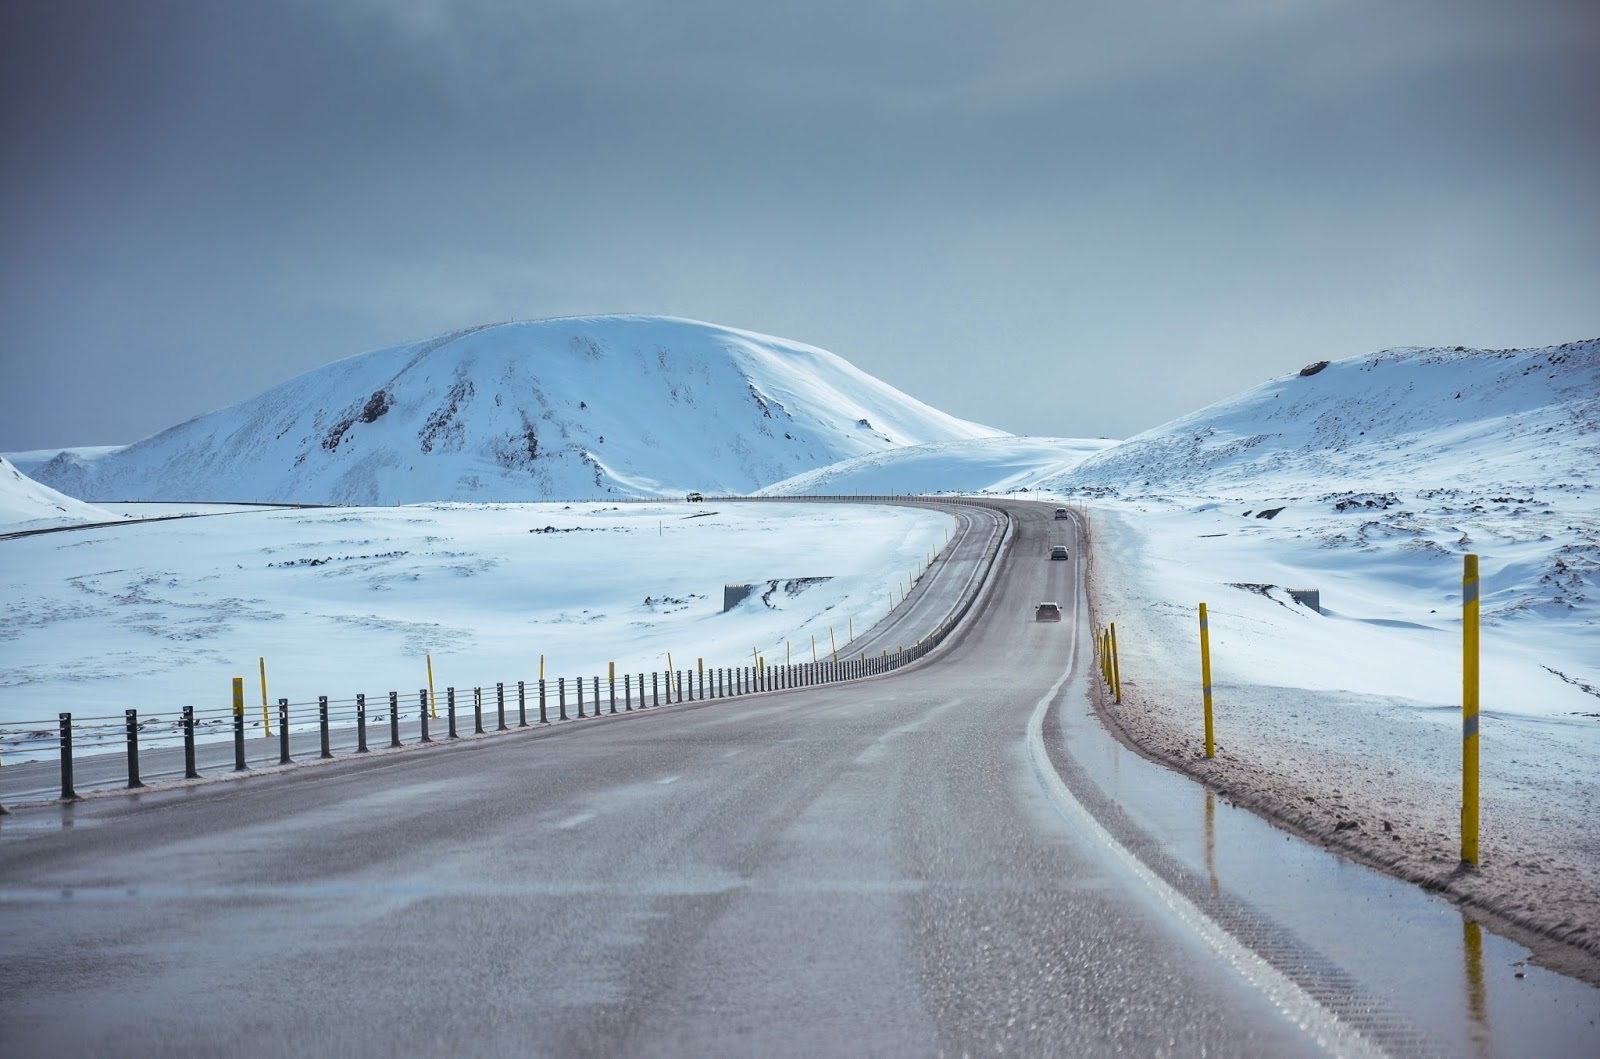 islandia en diciembre